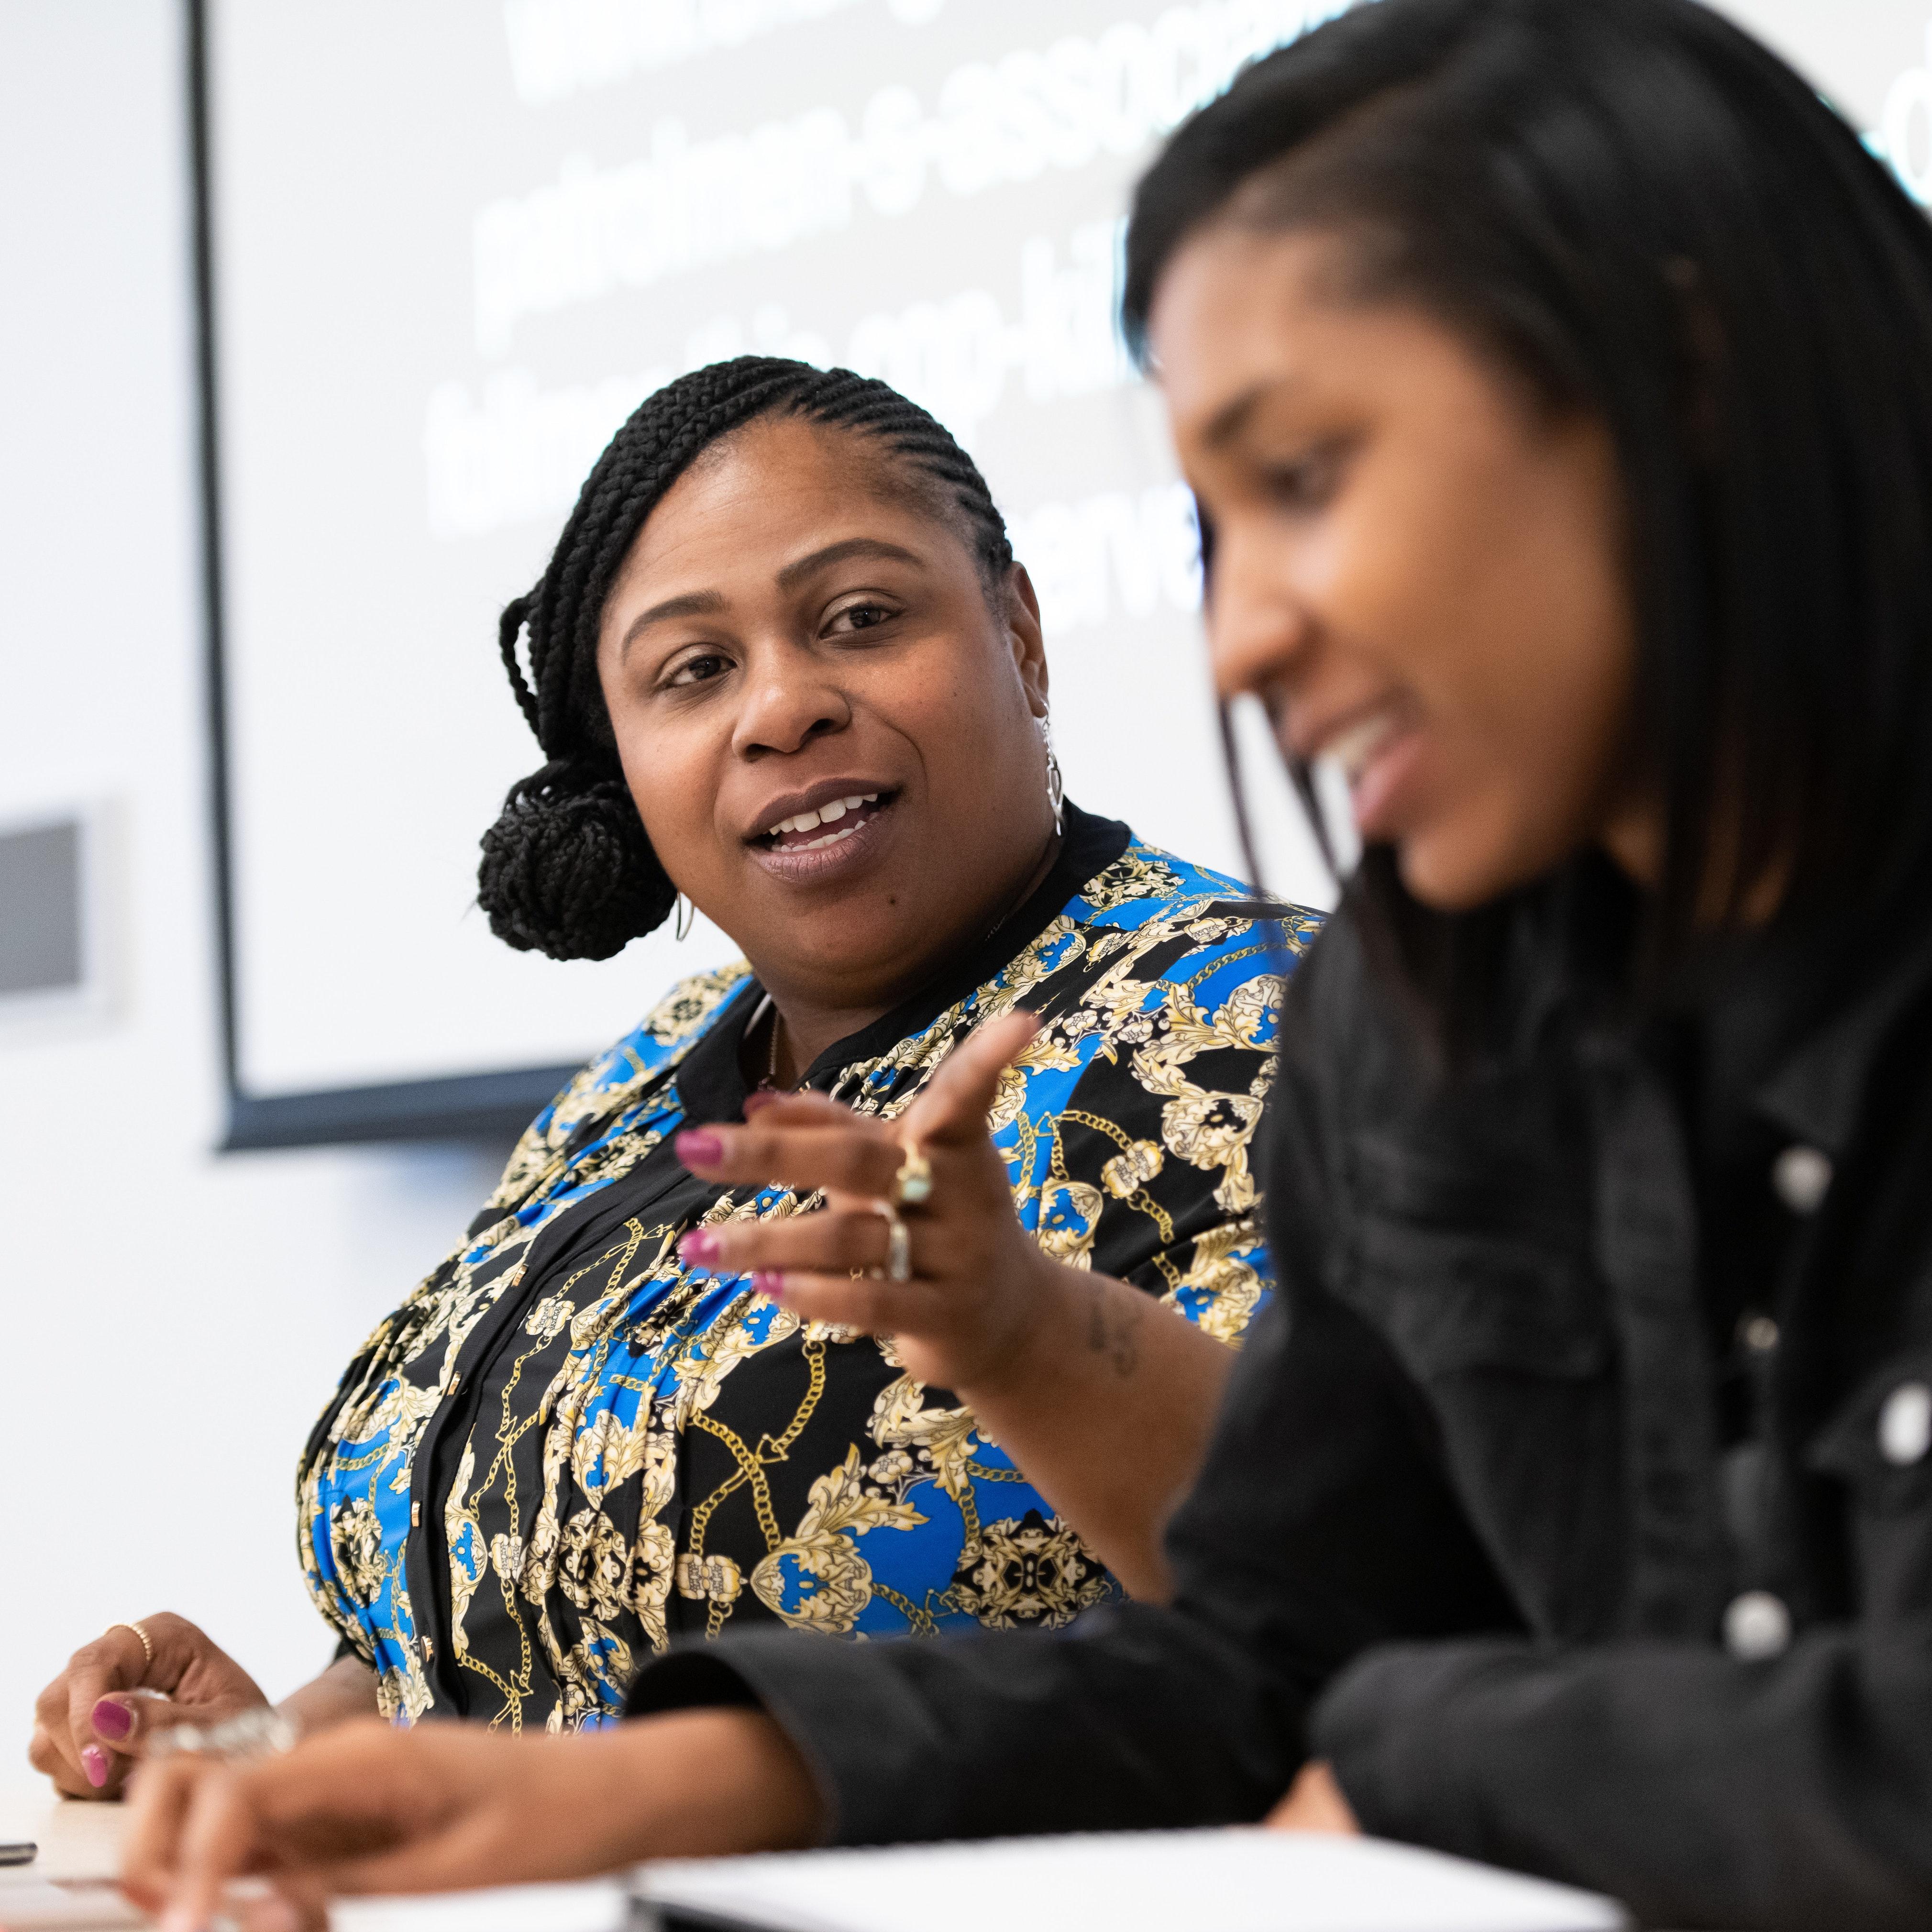 Two women speak on a panel.